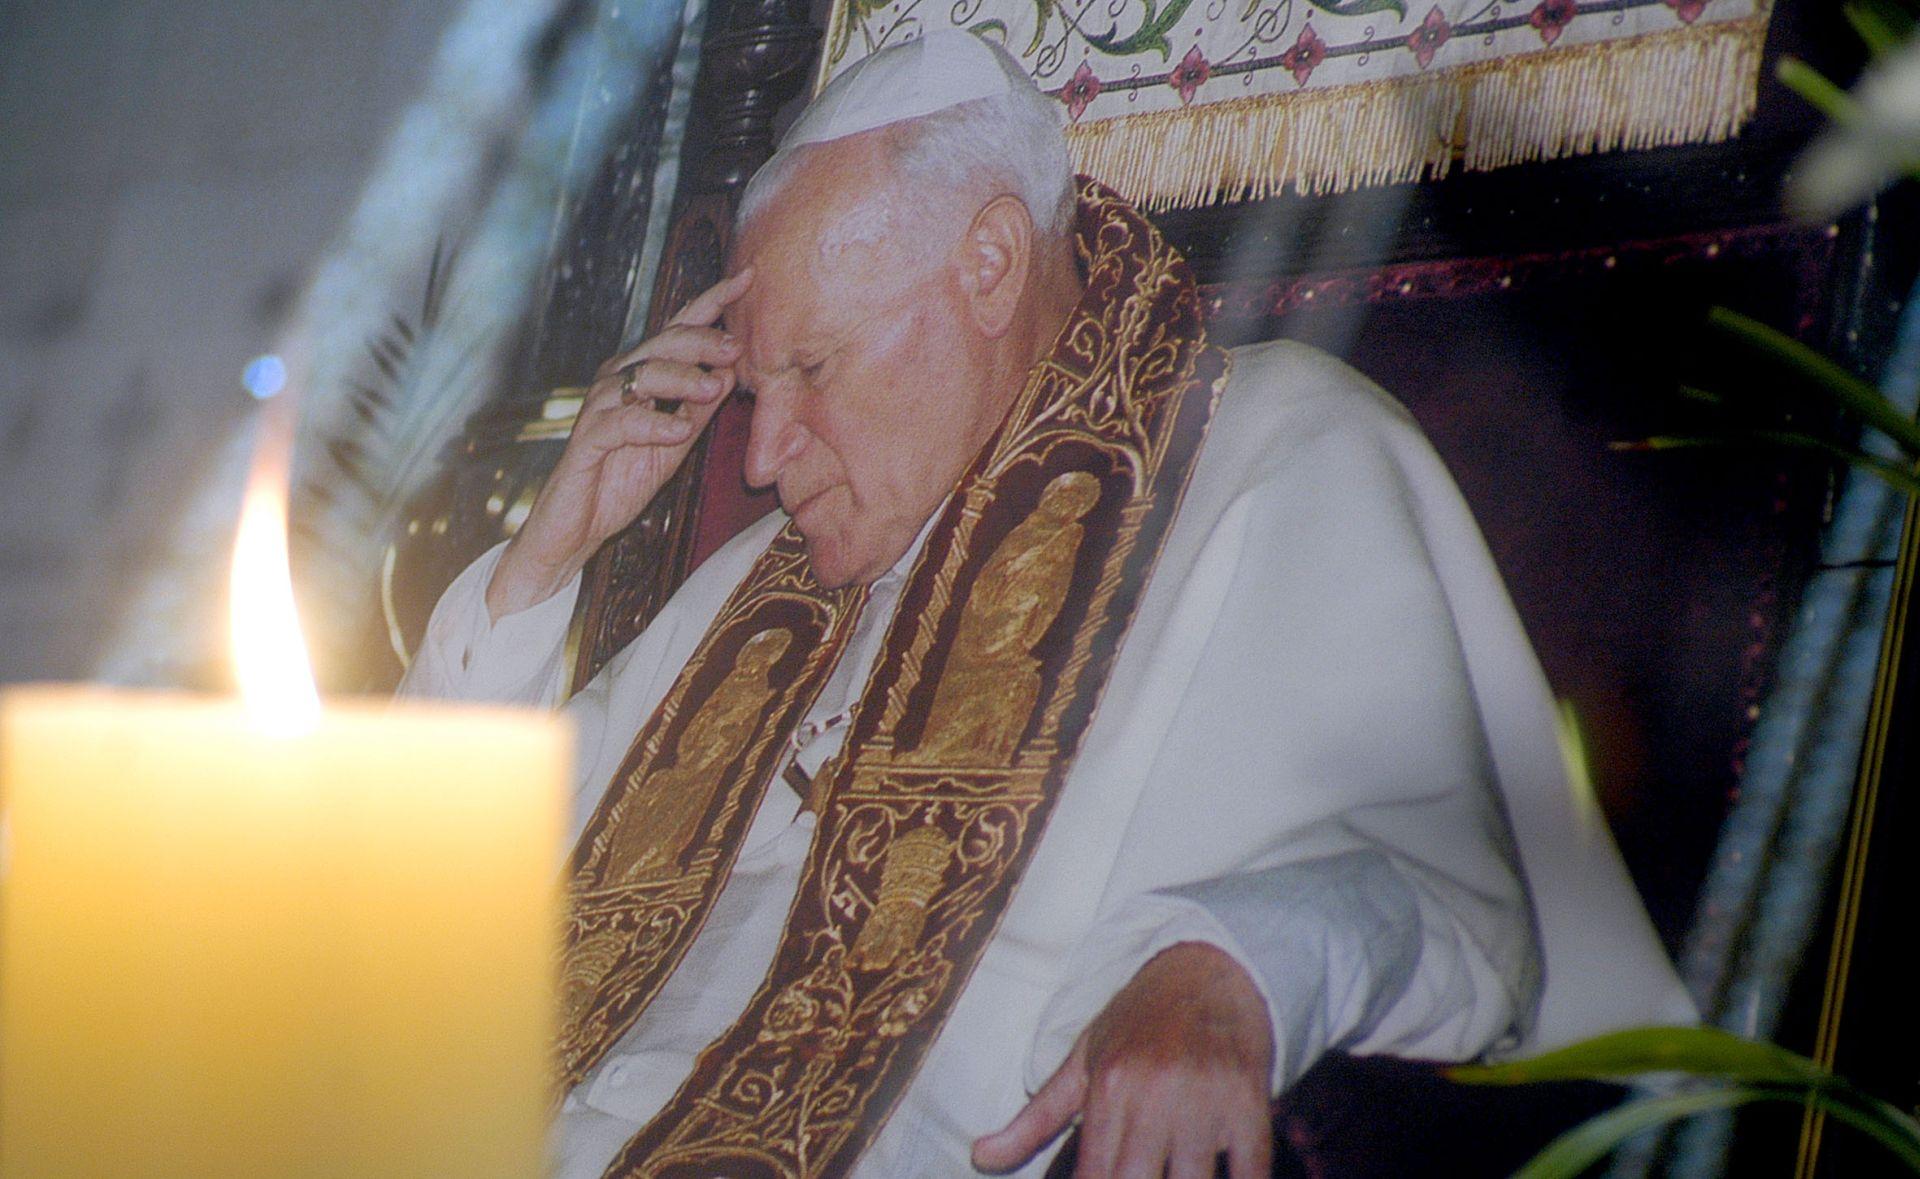 Ukradena relikvija Ivana Pavla II. iz katedrale u Kölnu